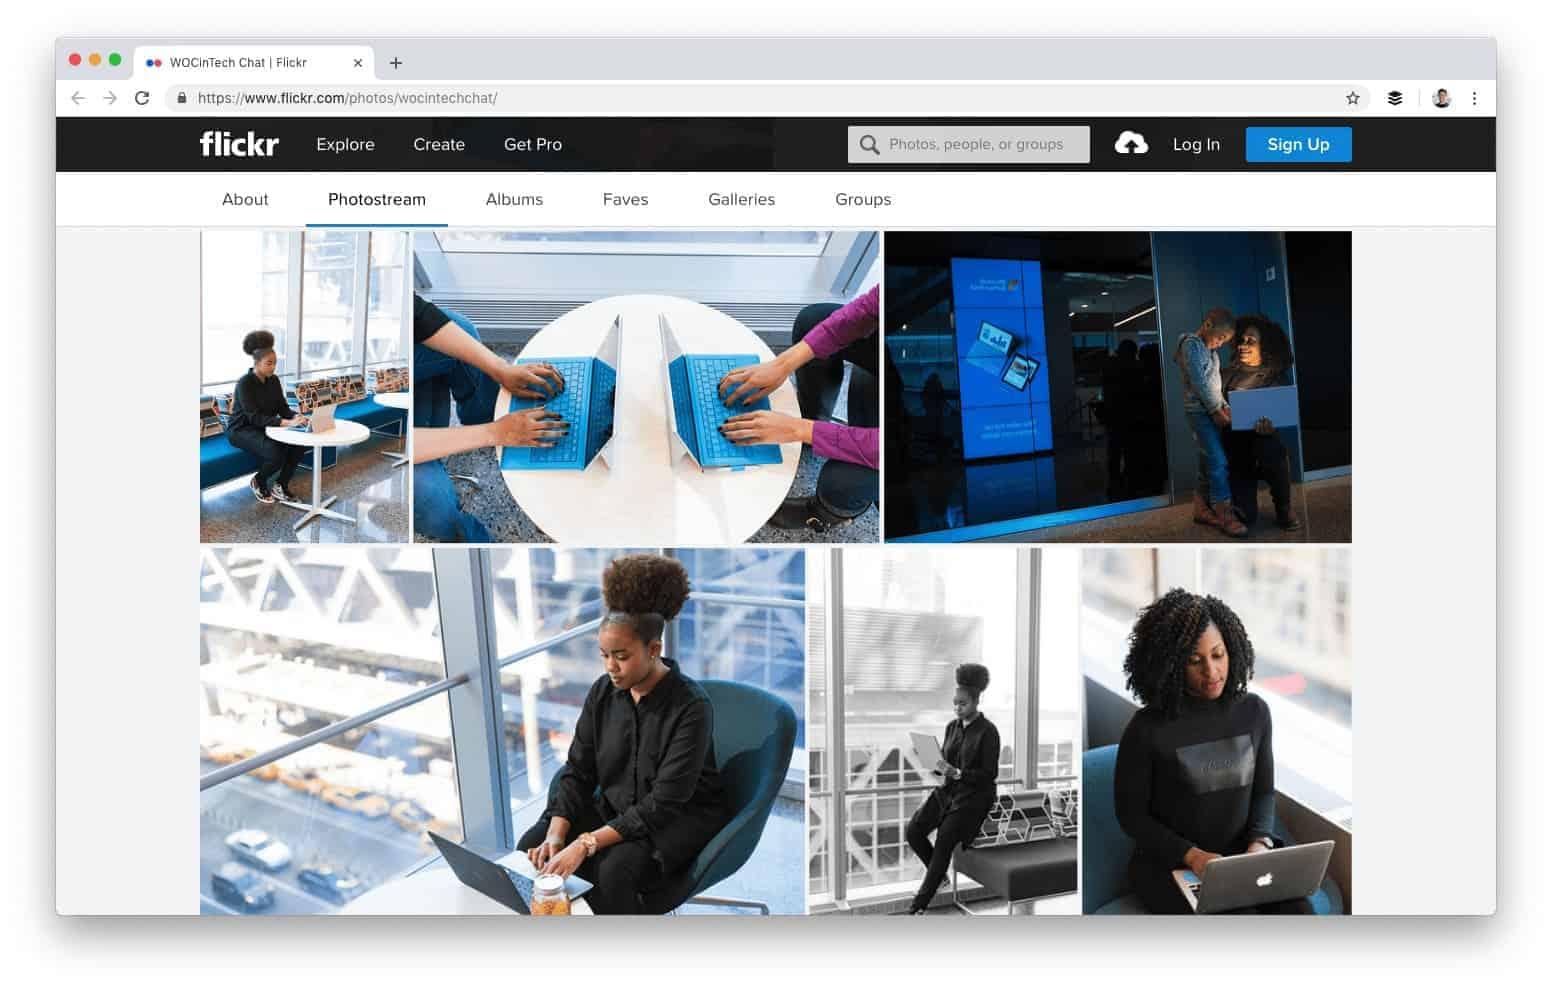 WOCinTech אתרים להורדת תמונות בחינם